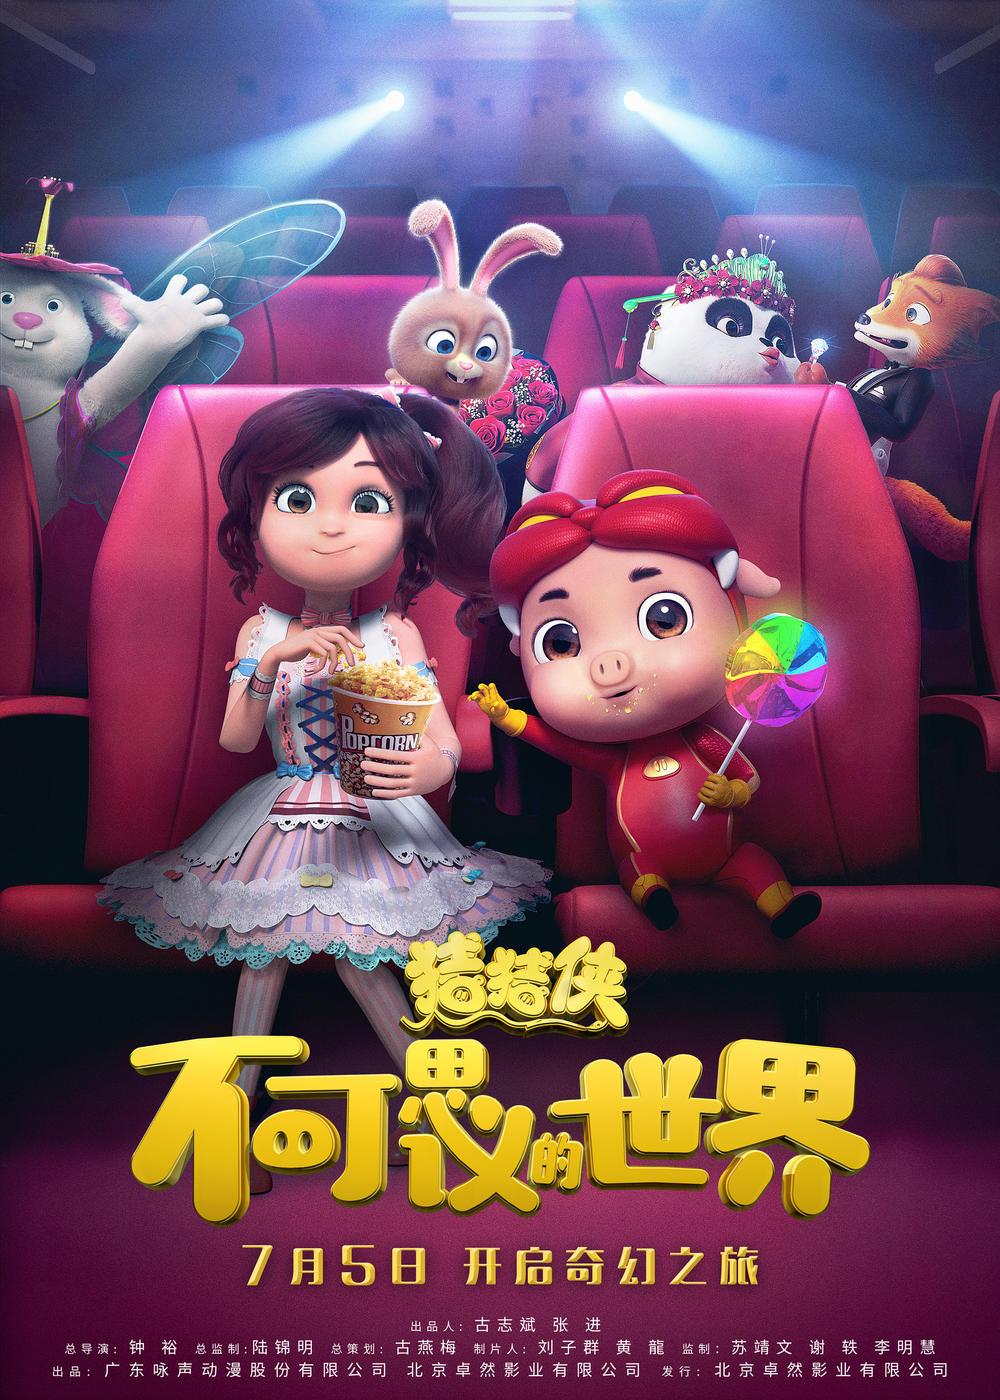 动画片 猪猪侠 宣布定档 7月5日全国公映